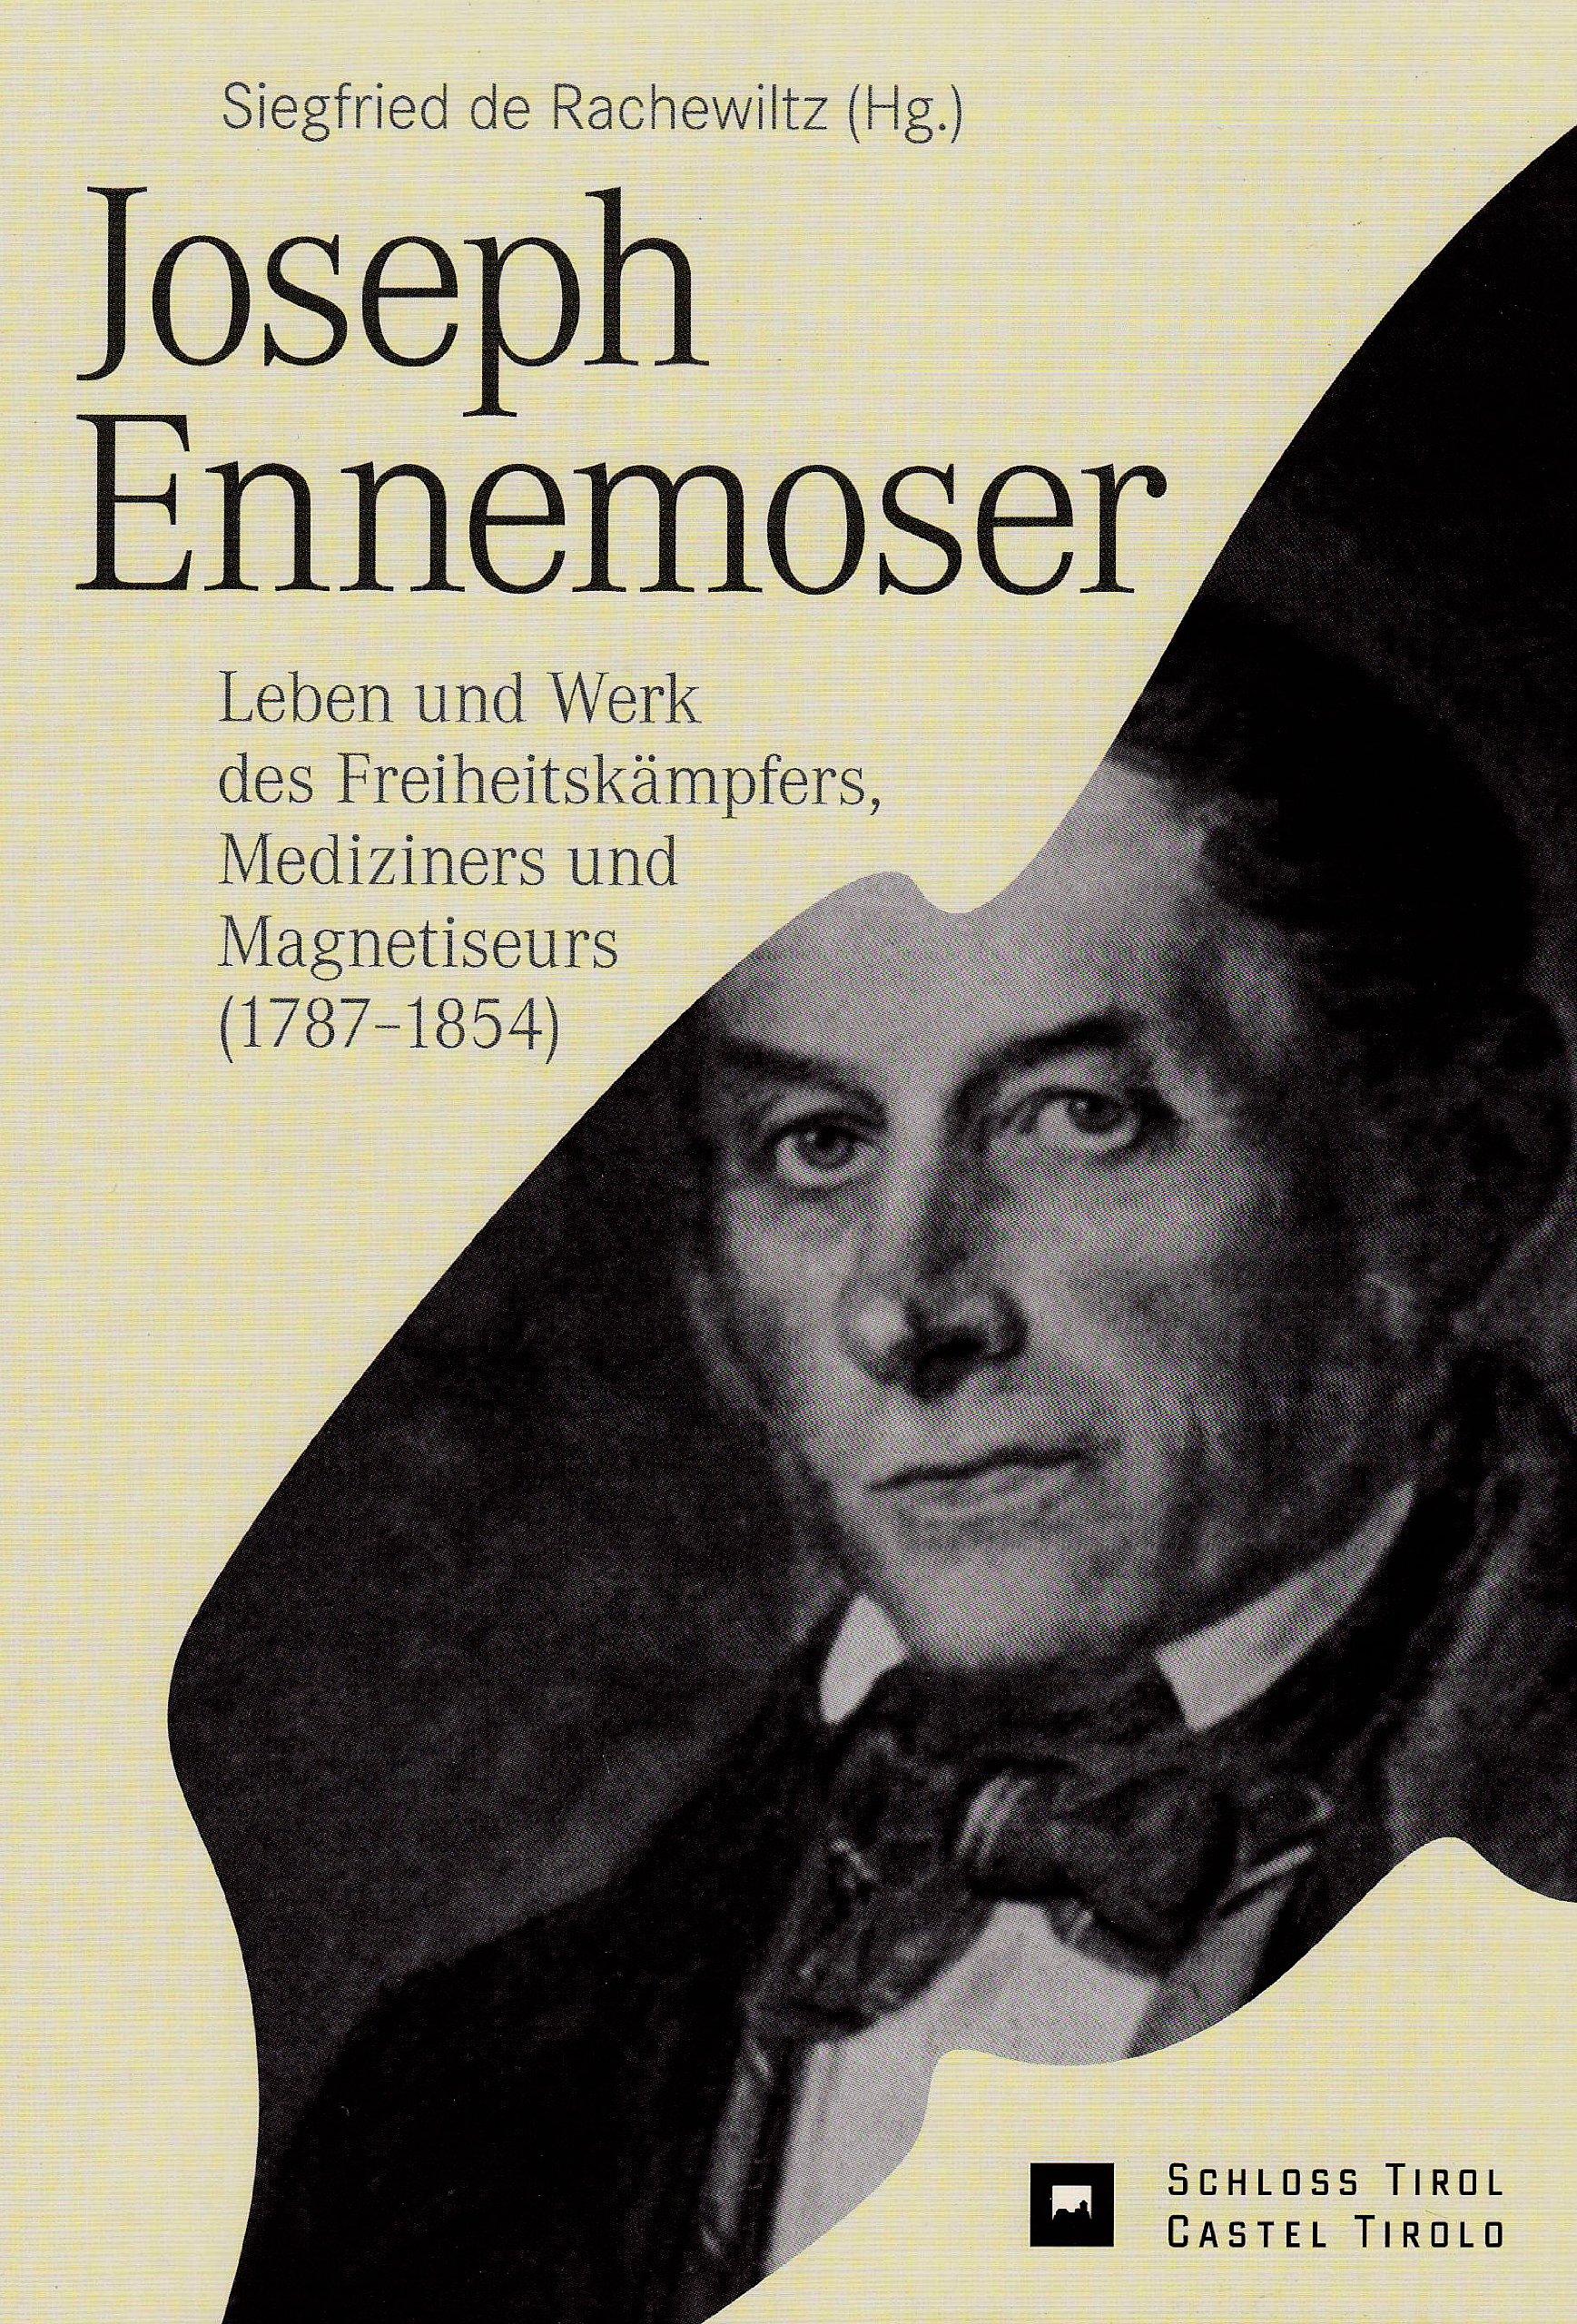 Joseph Ennemoser: Leben und Werk des Freiheitskämpfers, Mediziners und Magnetiseurs